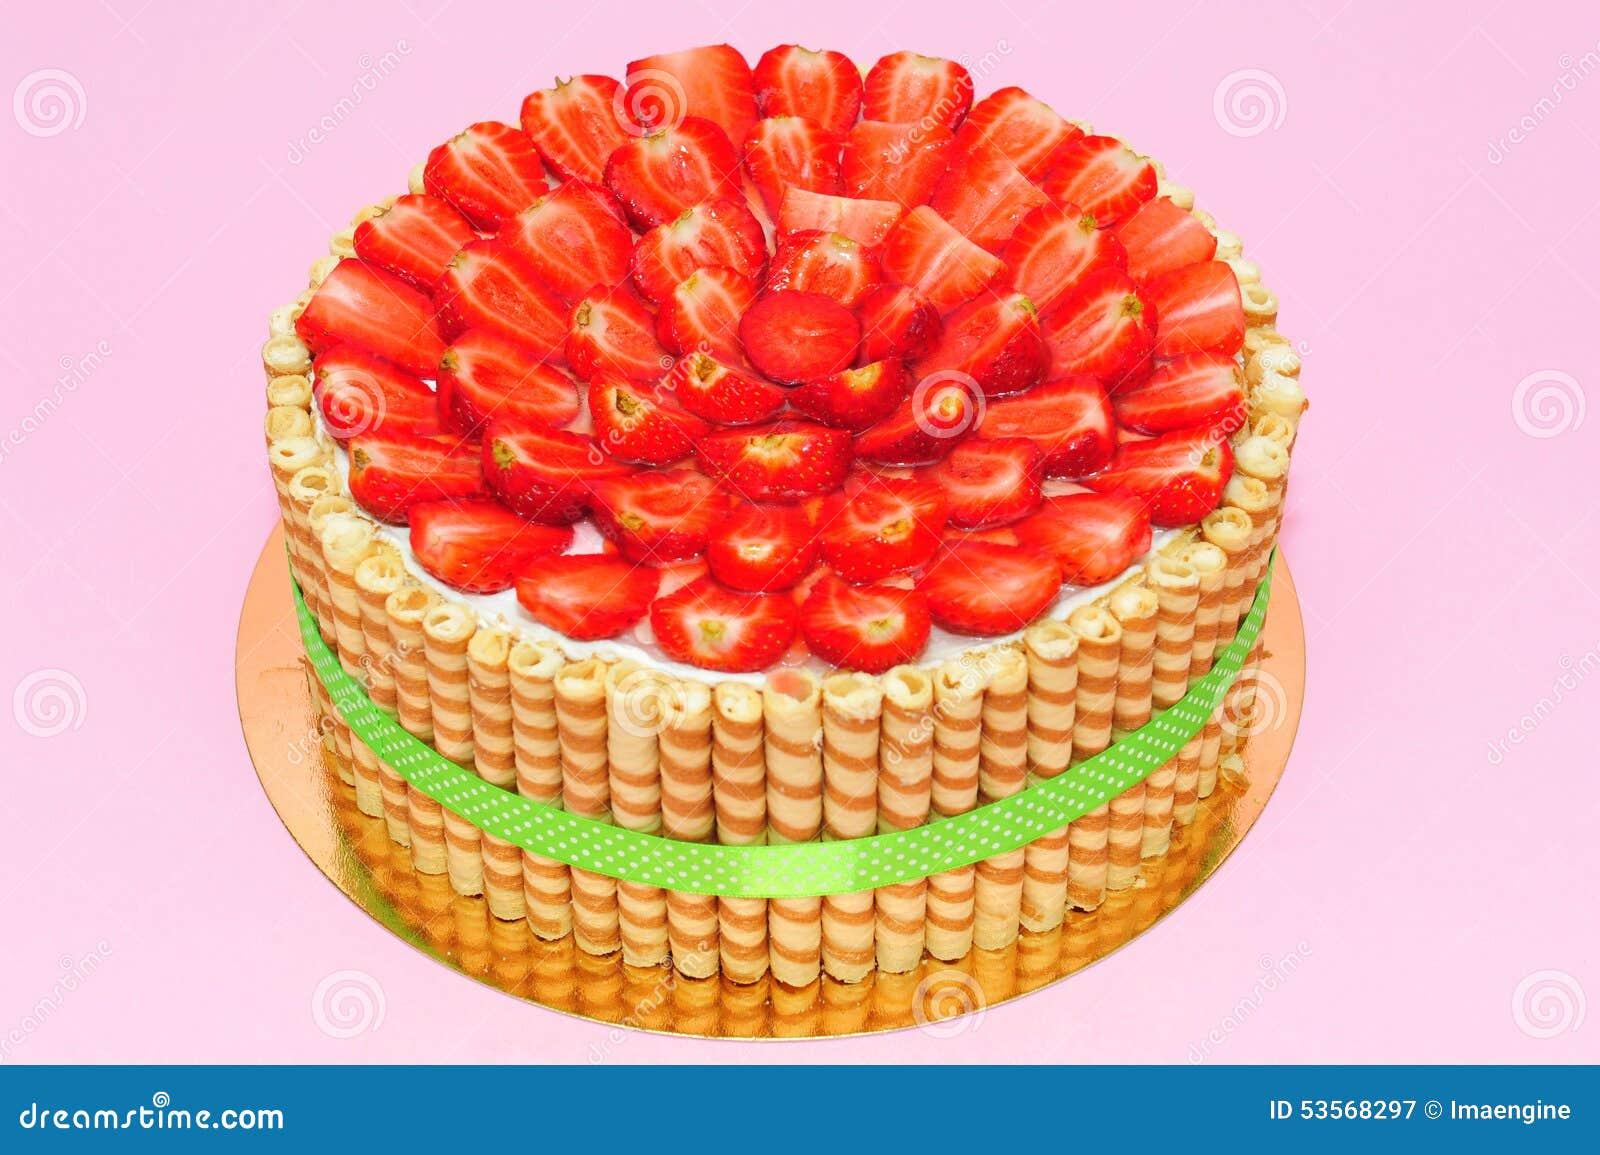 Cake Design With Strawberries : Fresh Strawberries Cake Stock Photo - Image: 53568297